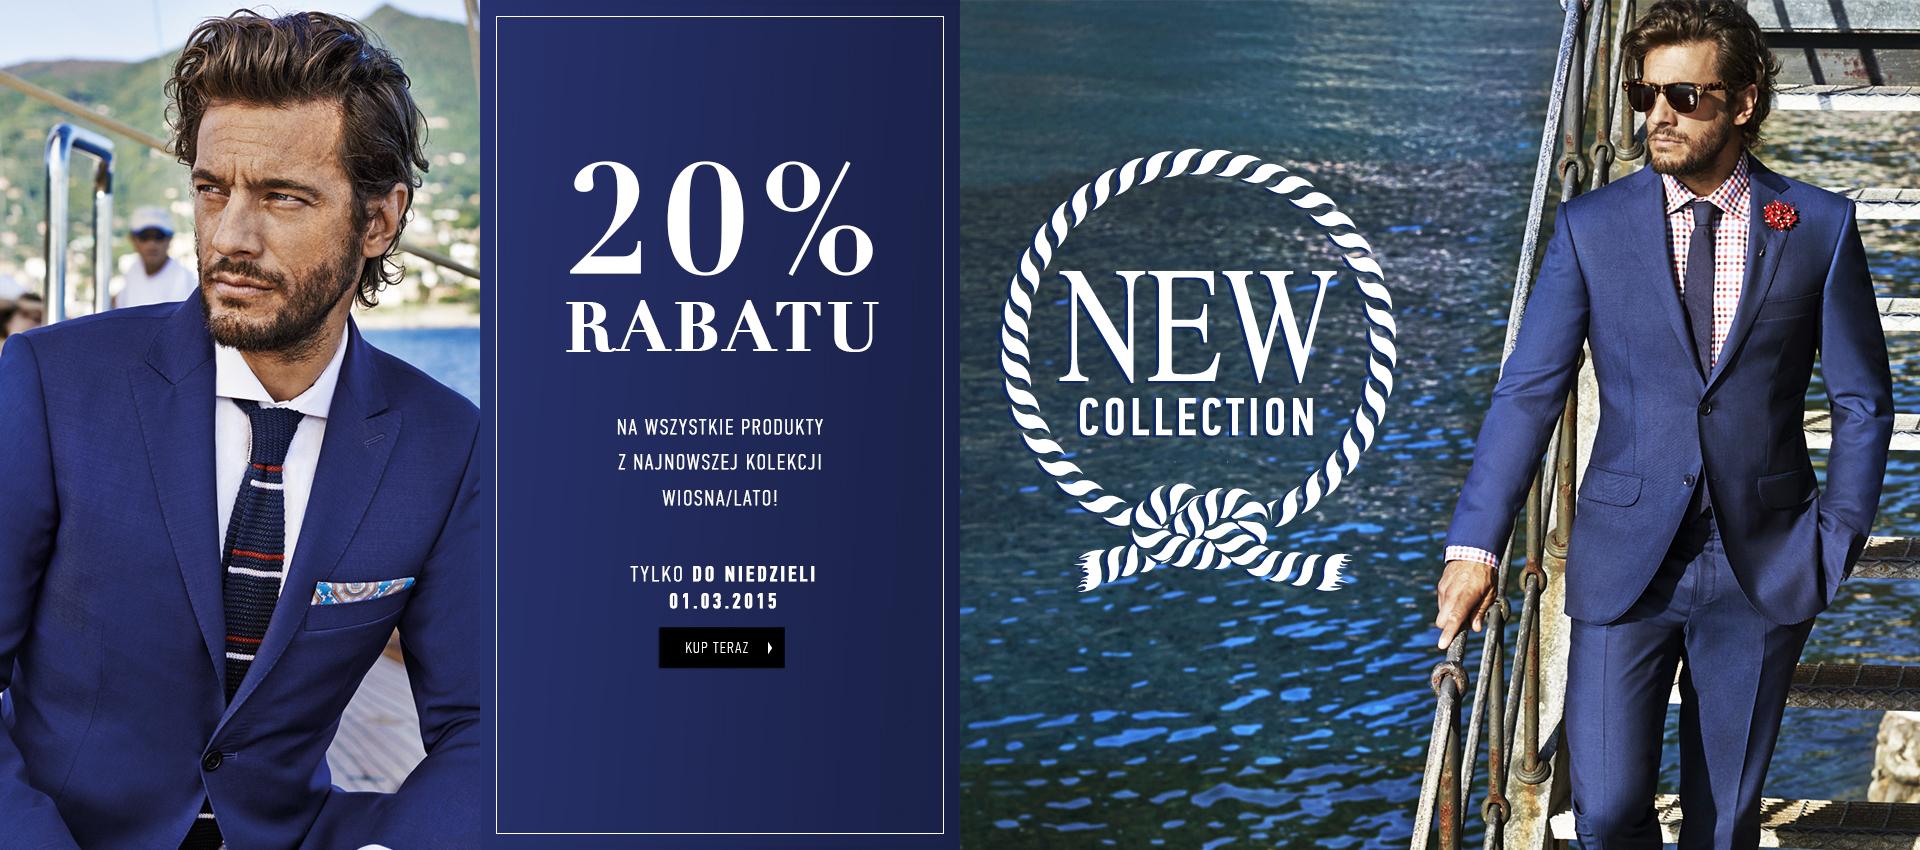 Rabat 20% na nową kolekcję (Tylko do dziś, 1.03) @ Vistula